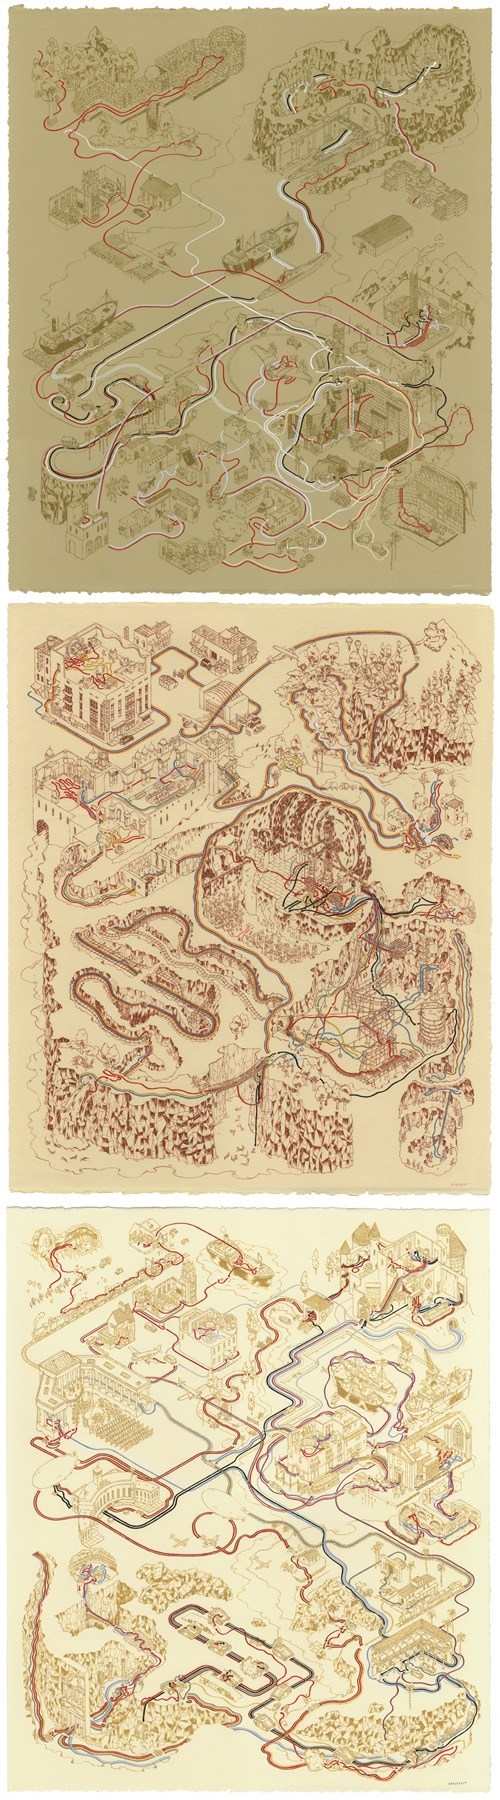 trilogy,Indiana Jones,paths,fan art,Maps